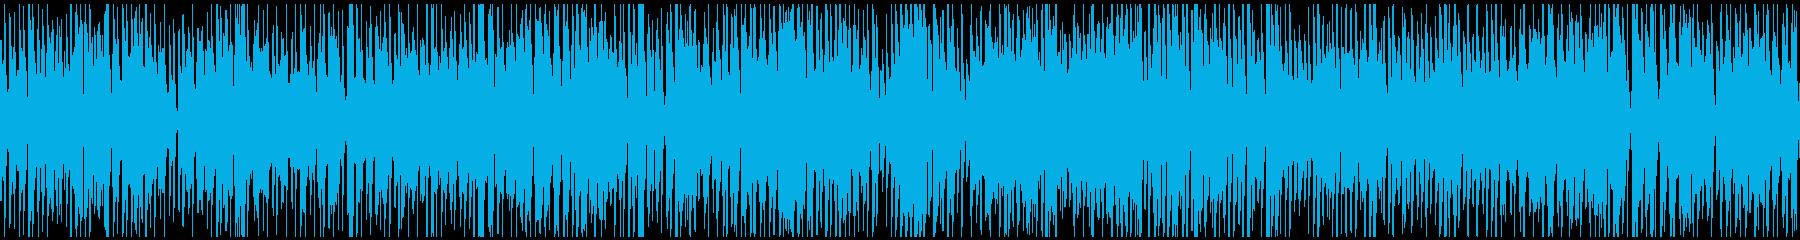 ハッピーなジプシースイング※ループ仕様版の再生済みの波形